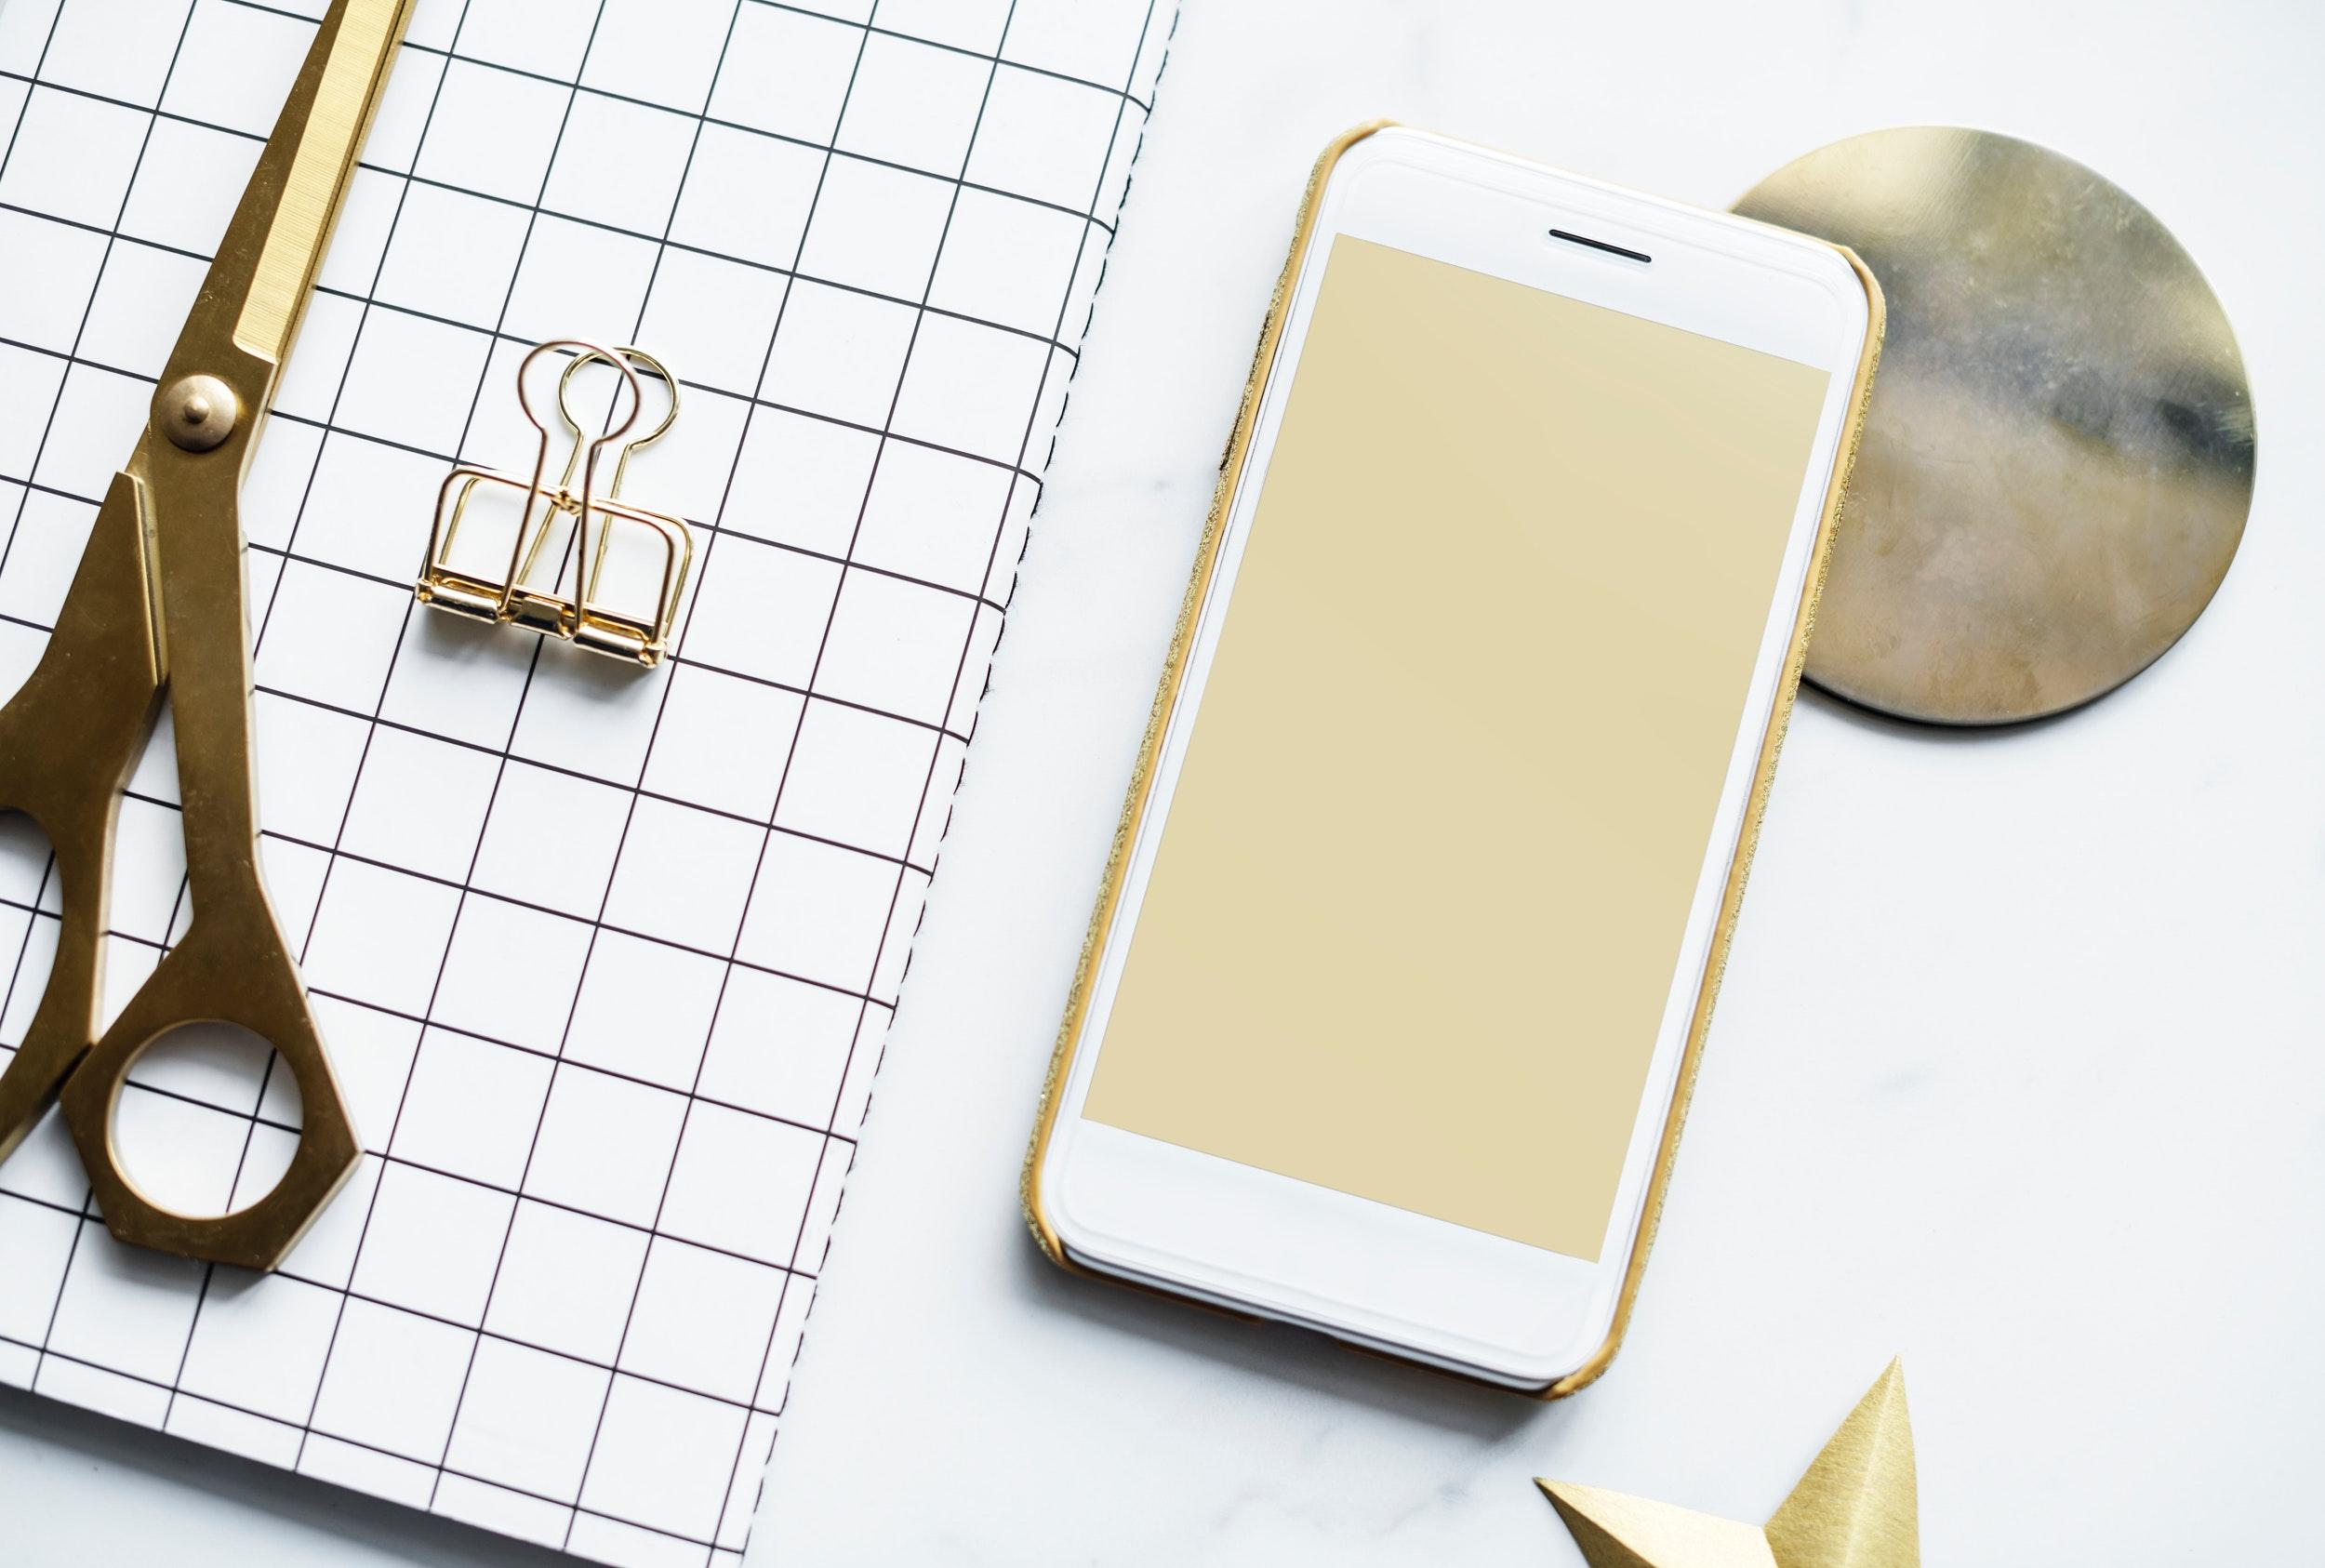 background-cellphone-desk-941543.jpg